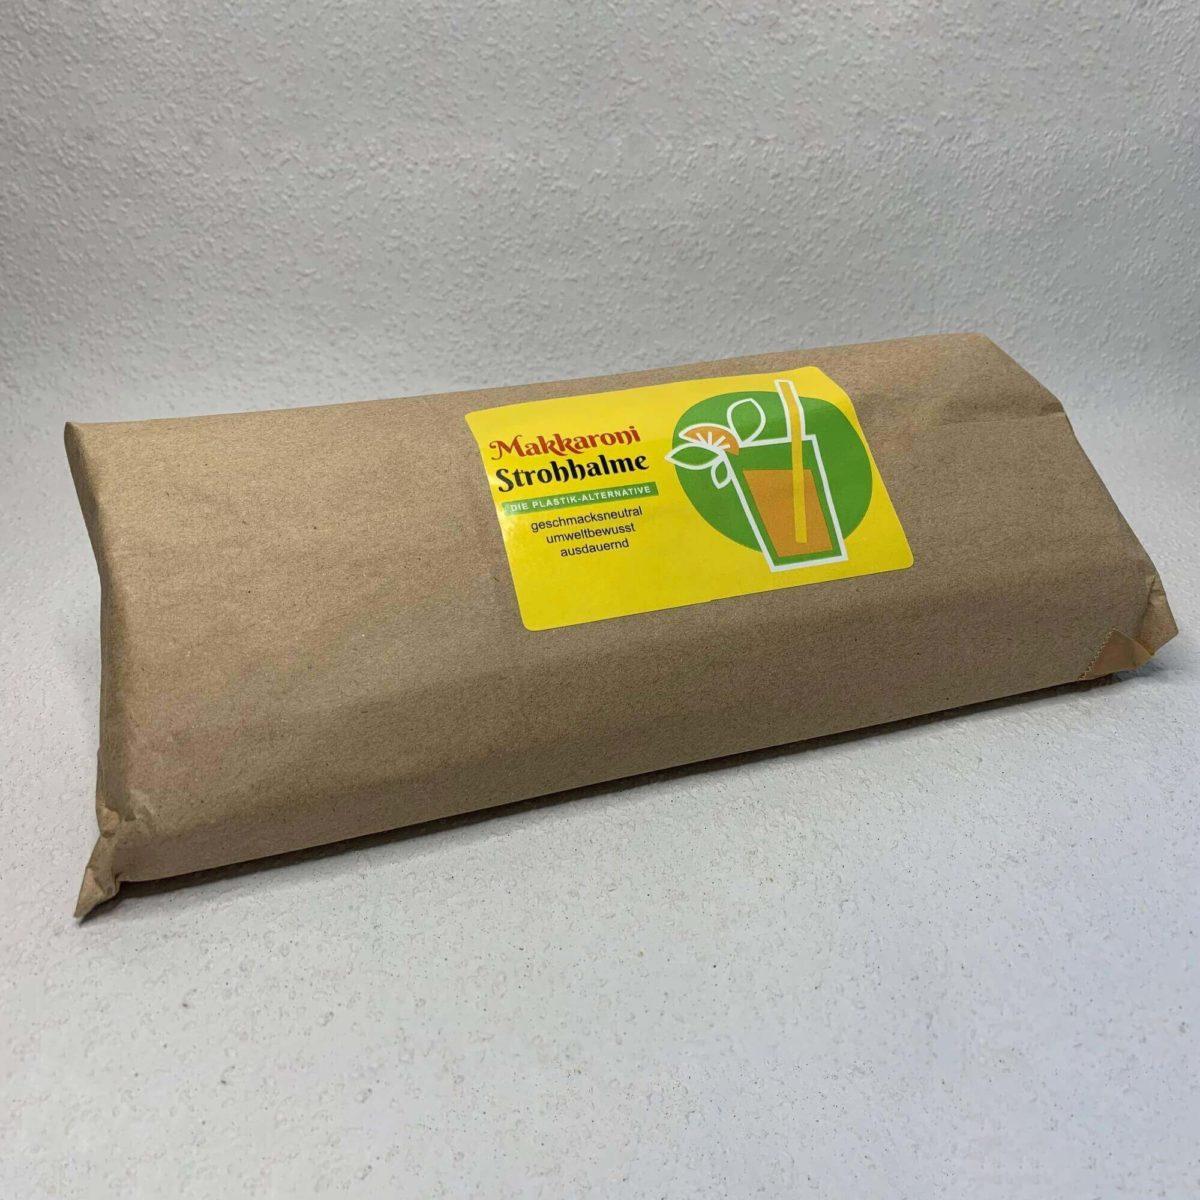 Makkaroni-Strohhalme Kleines Paket